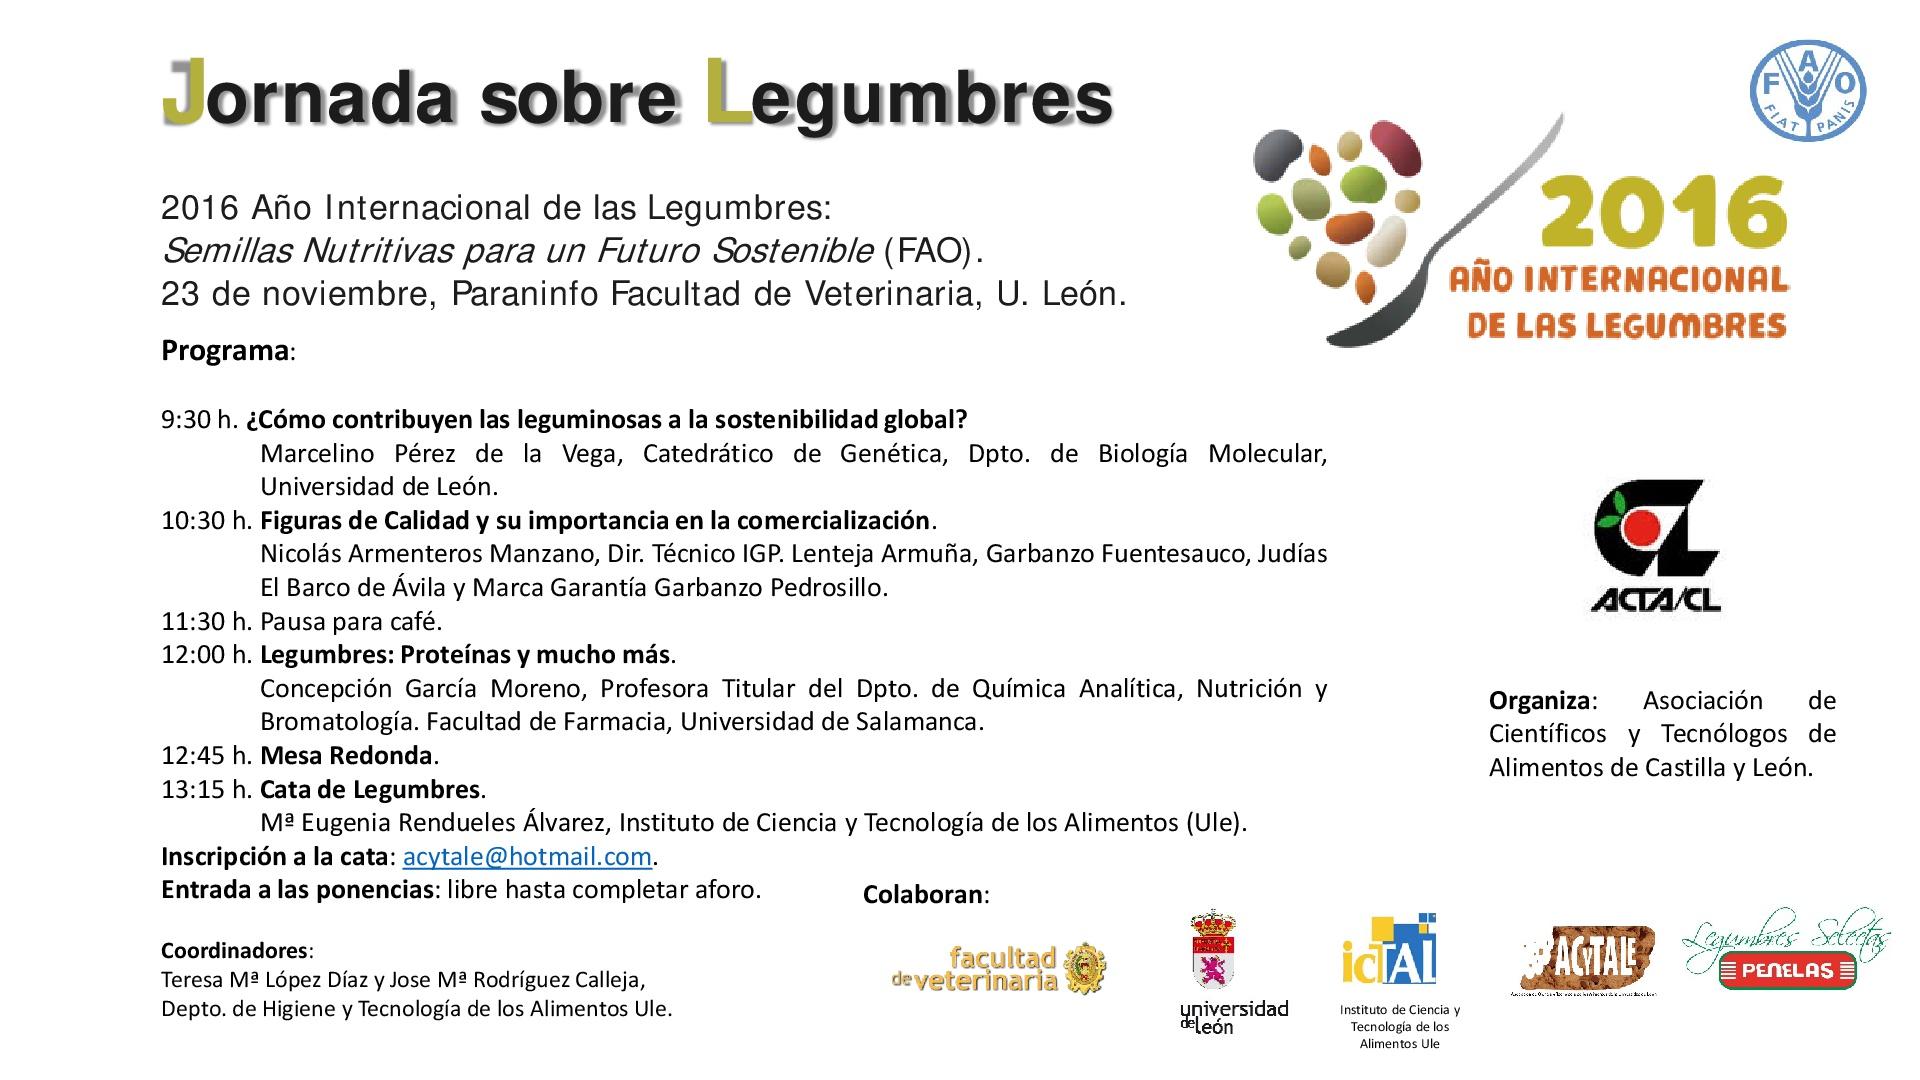 jornada-de-legumbres-leon-2016-001